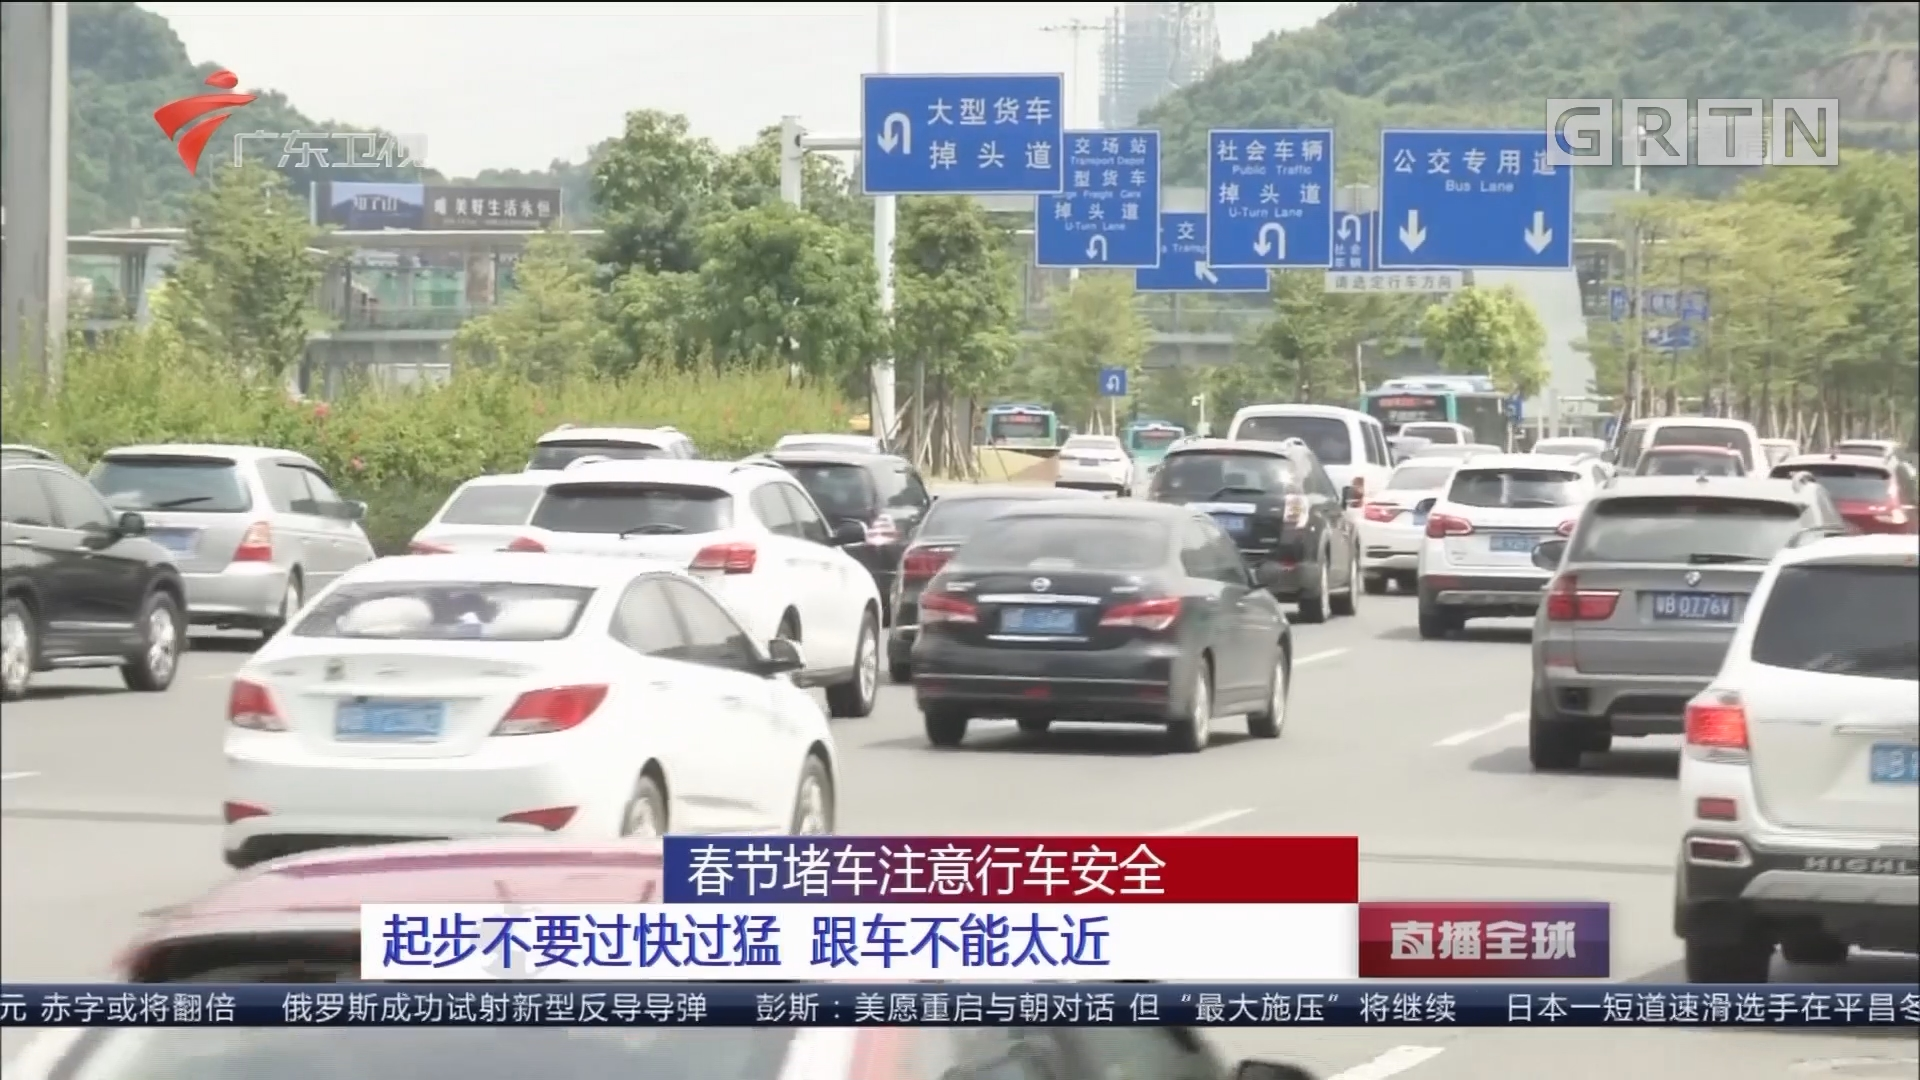 春节堵车注意行车安全:起步不要过快过猛 跟车不能太近